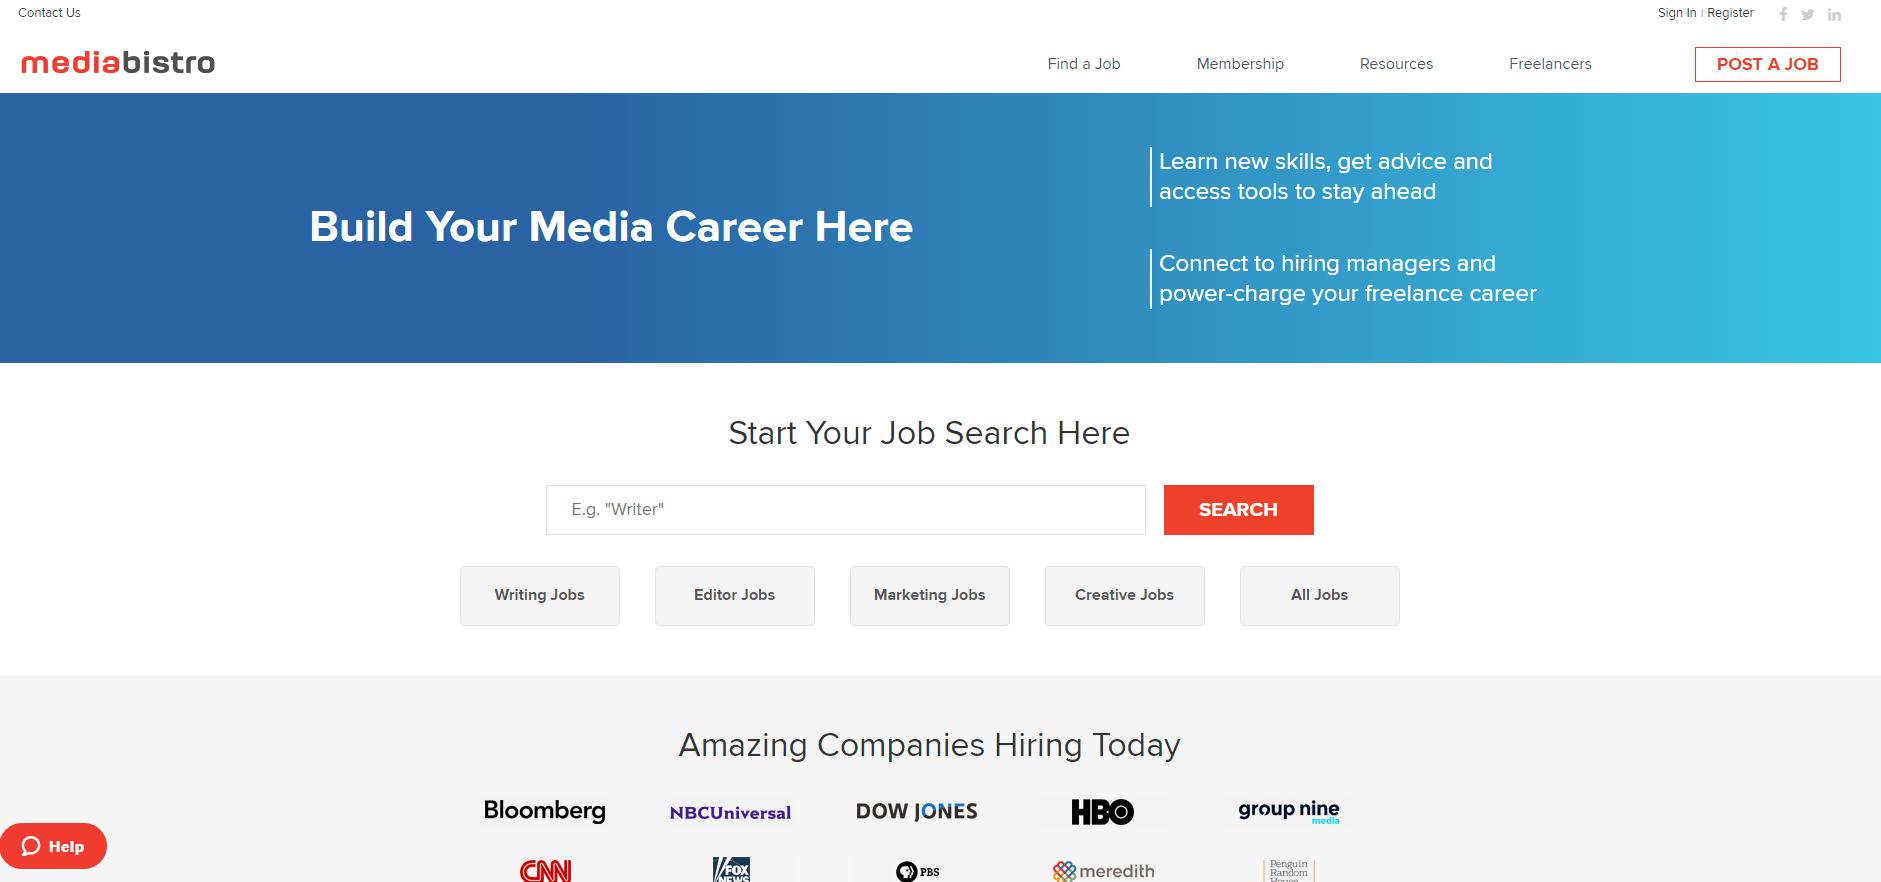 MediaBistro.com